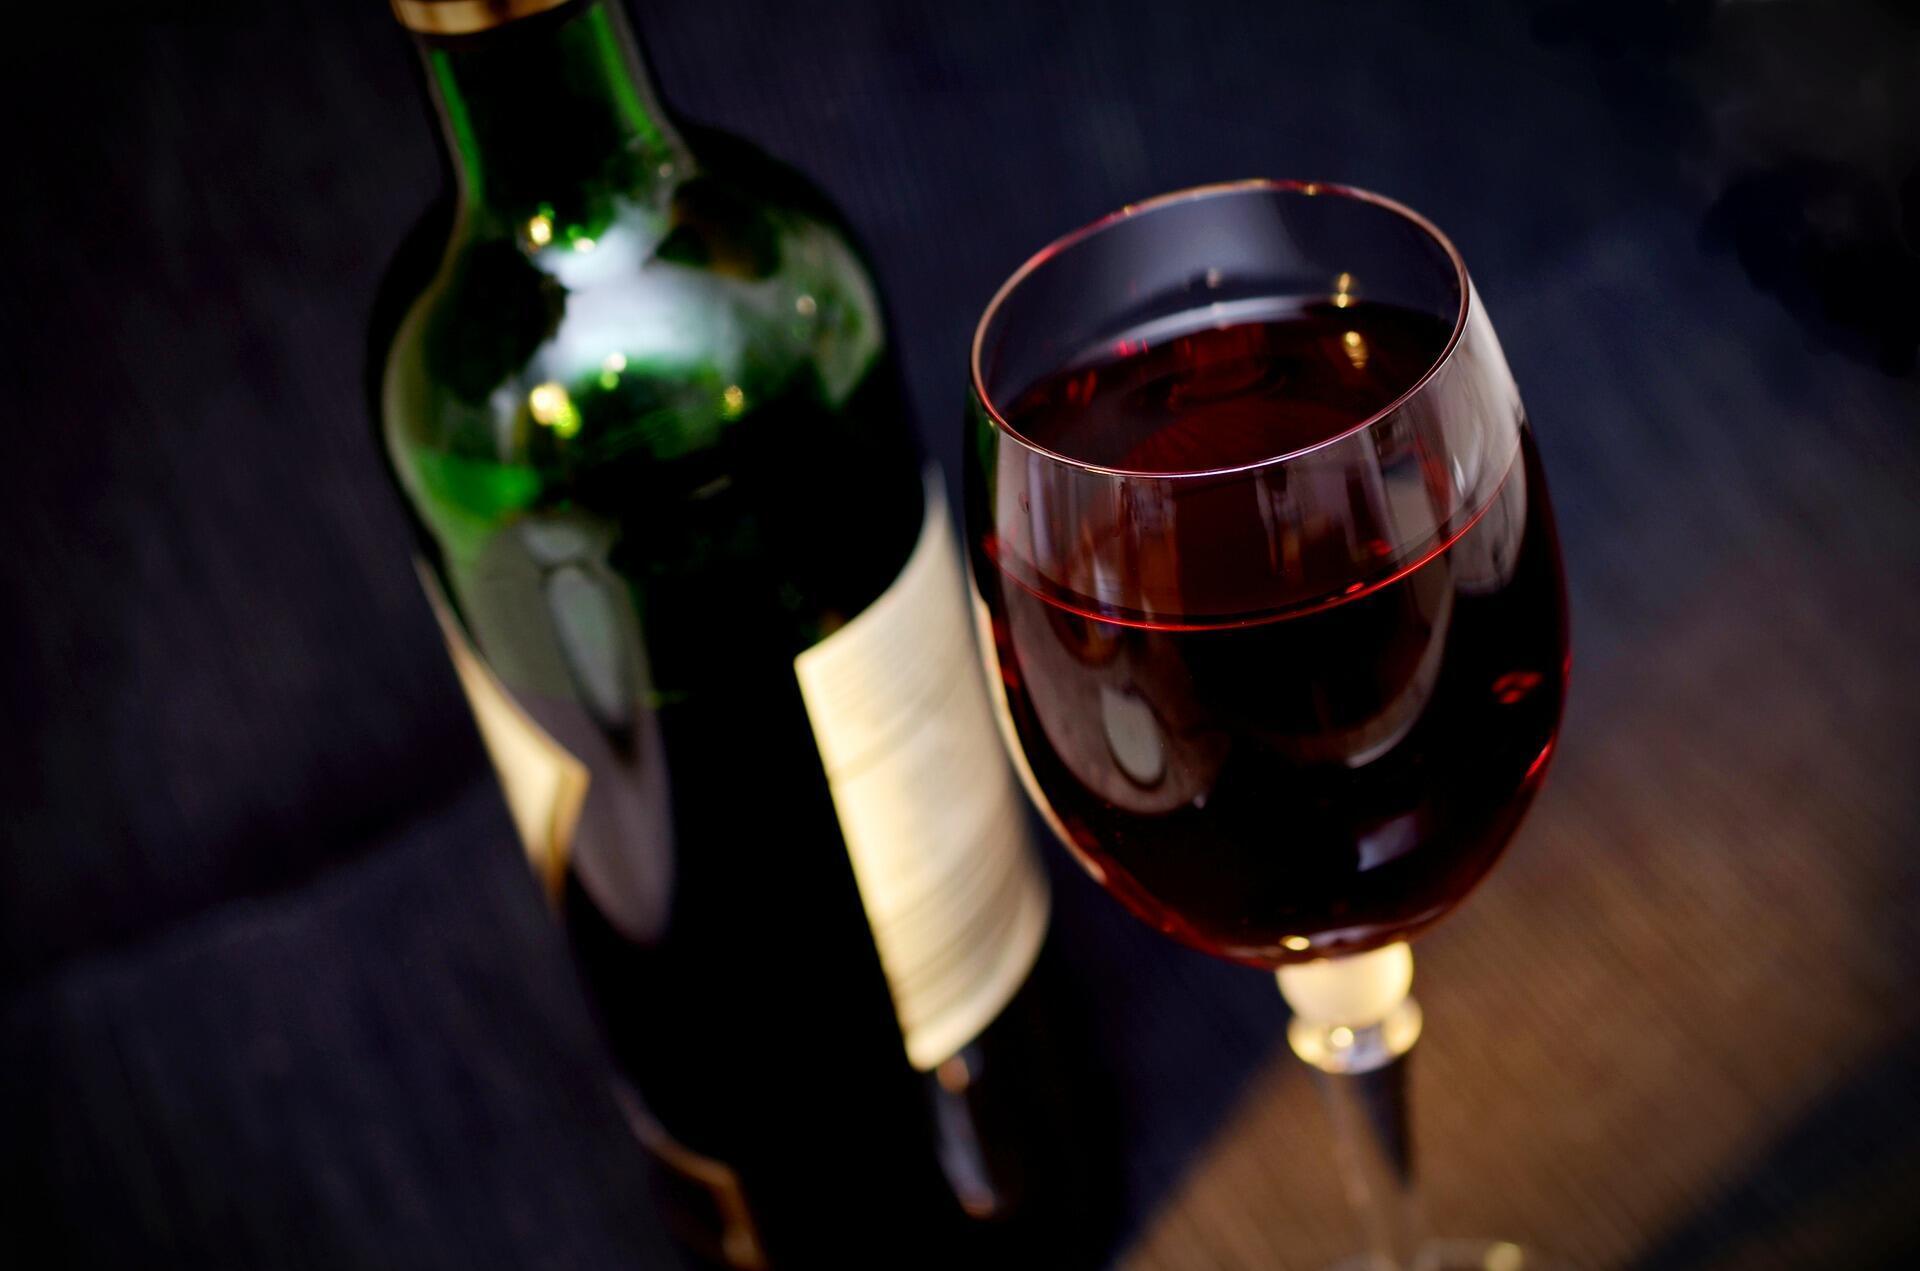 Le vin est bel et bien un alcool comme un autre, à consommer avec modération.